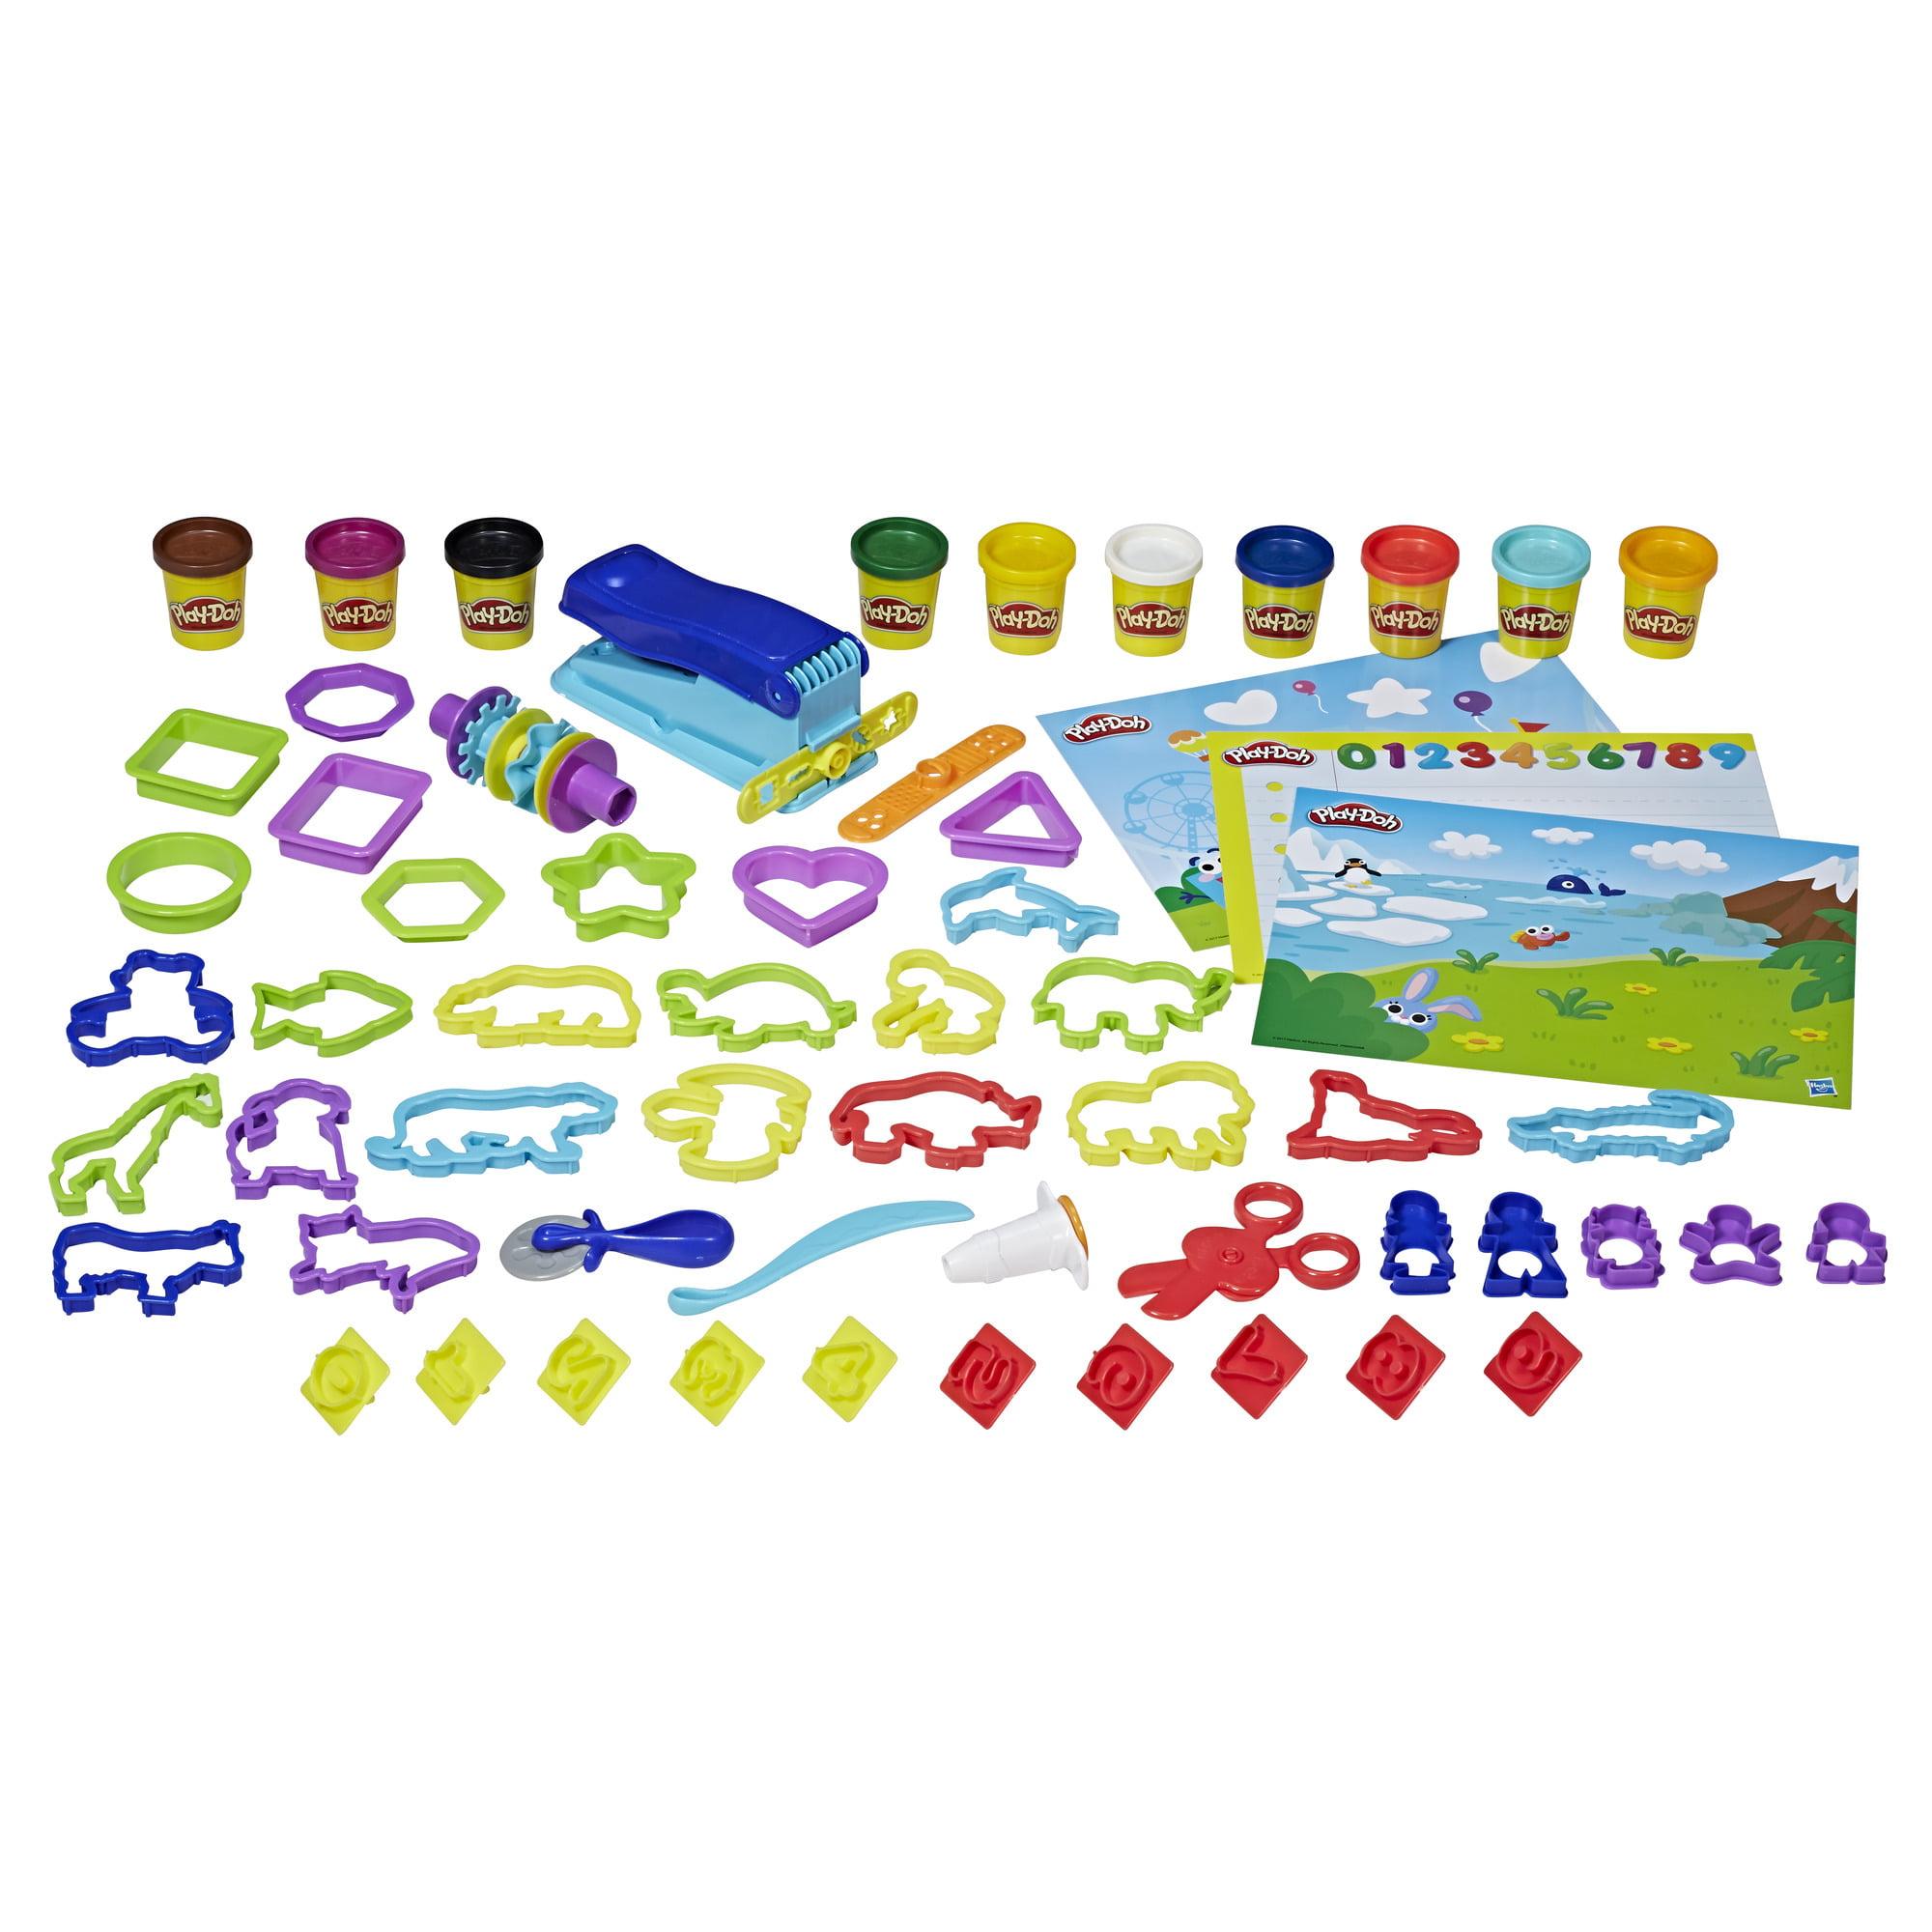 Play-Doh Preschool FUNdamentals Box by Hasbro Inc.